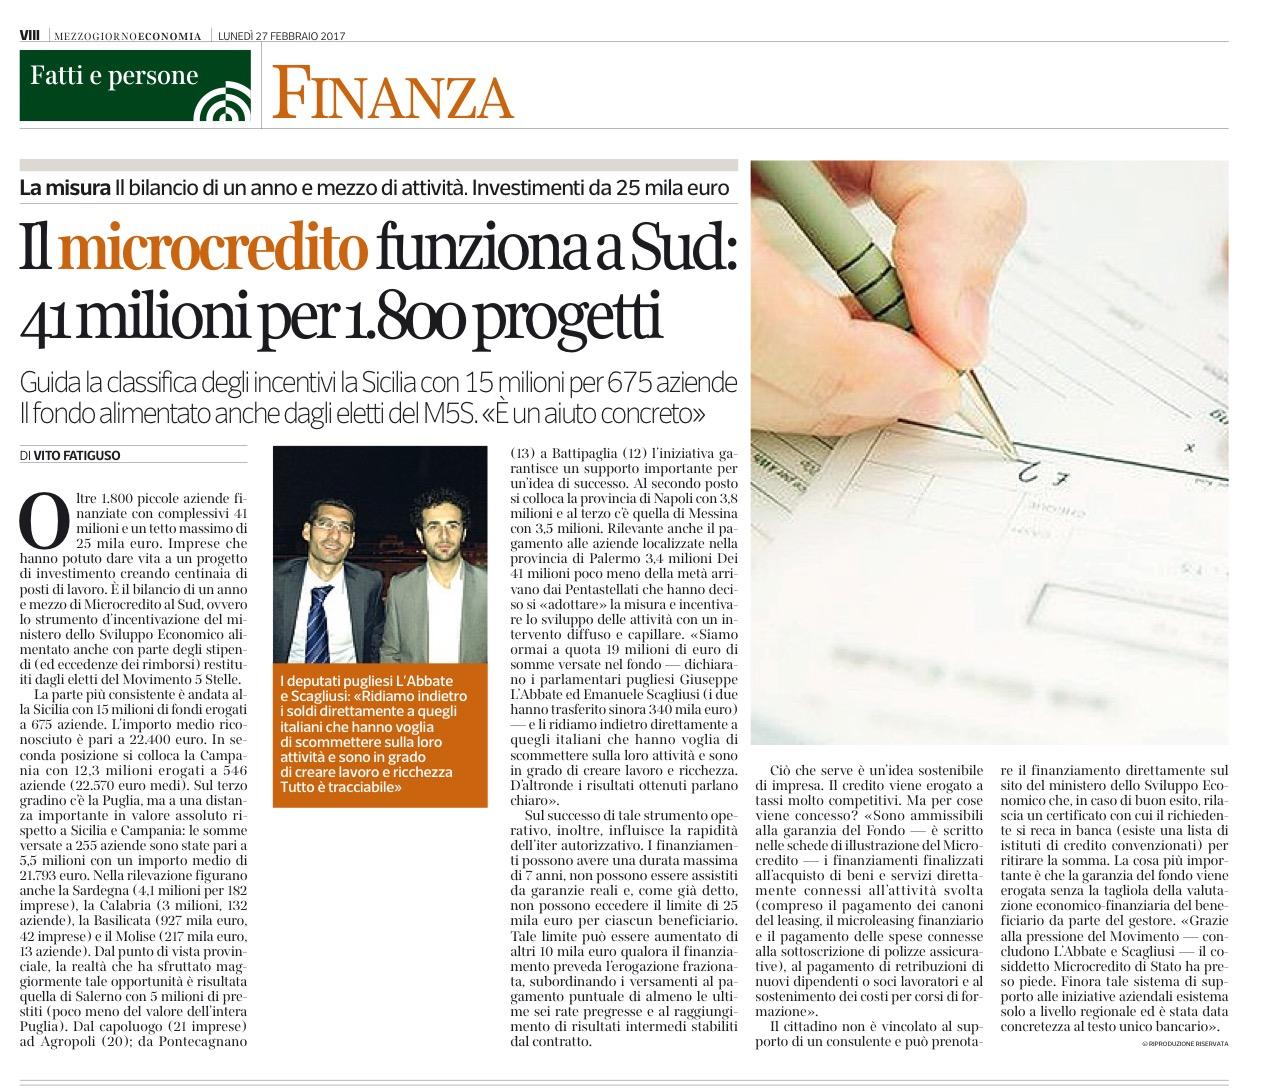 Il Corriere del Mezzogiorno Economia - 27.02.2017